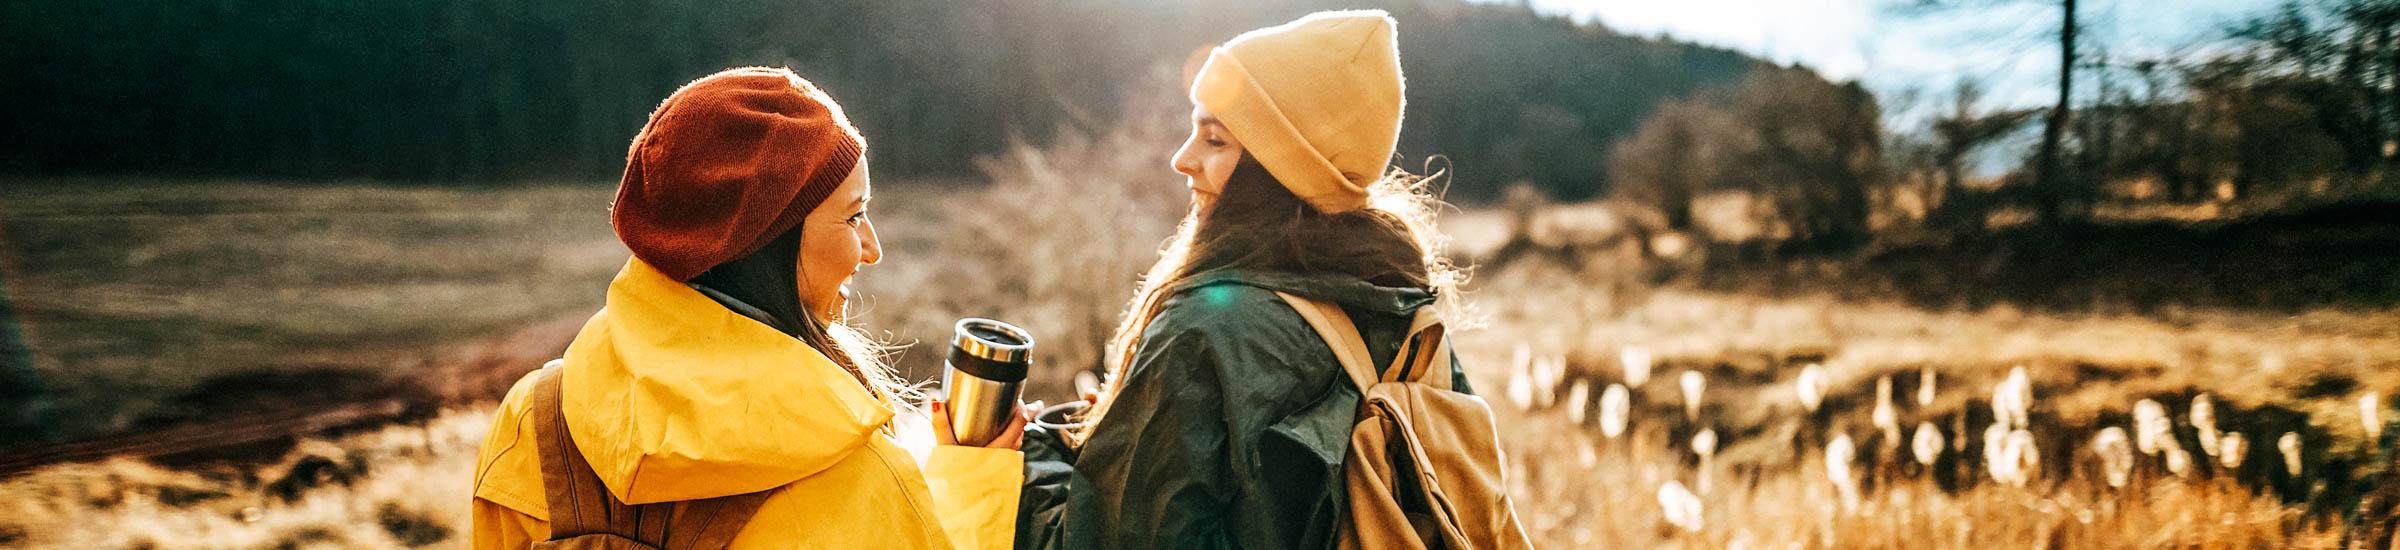 Zwei junge Frauen wandern durch Naturlandschaften – Umweltfreundlich reisen